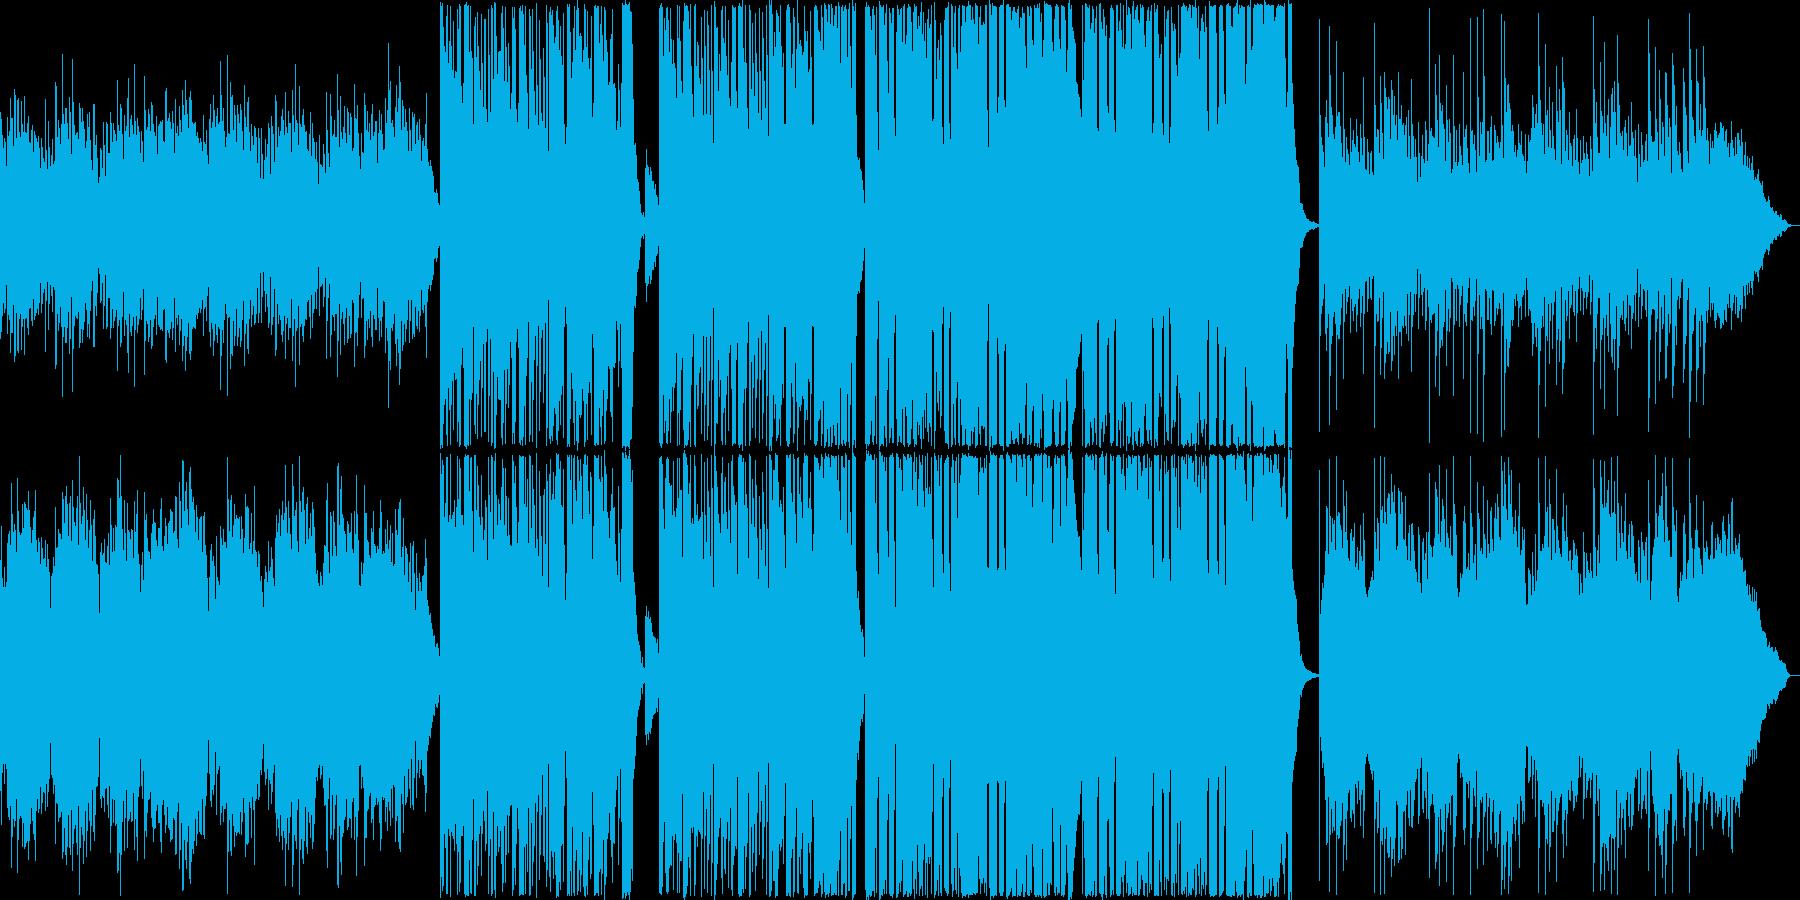 冬やクリスマスの雰囲気のベル音色バラードの再生済みの波形